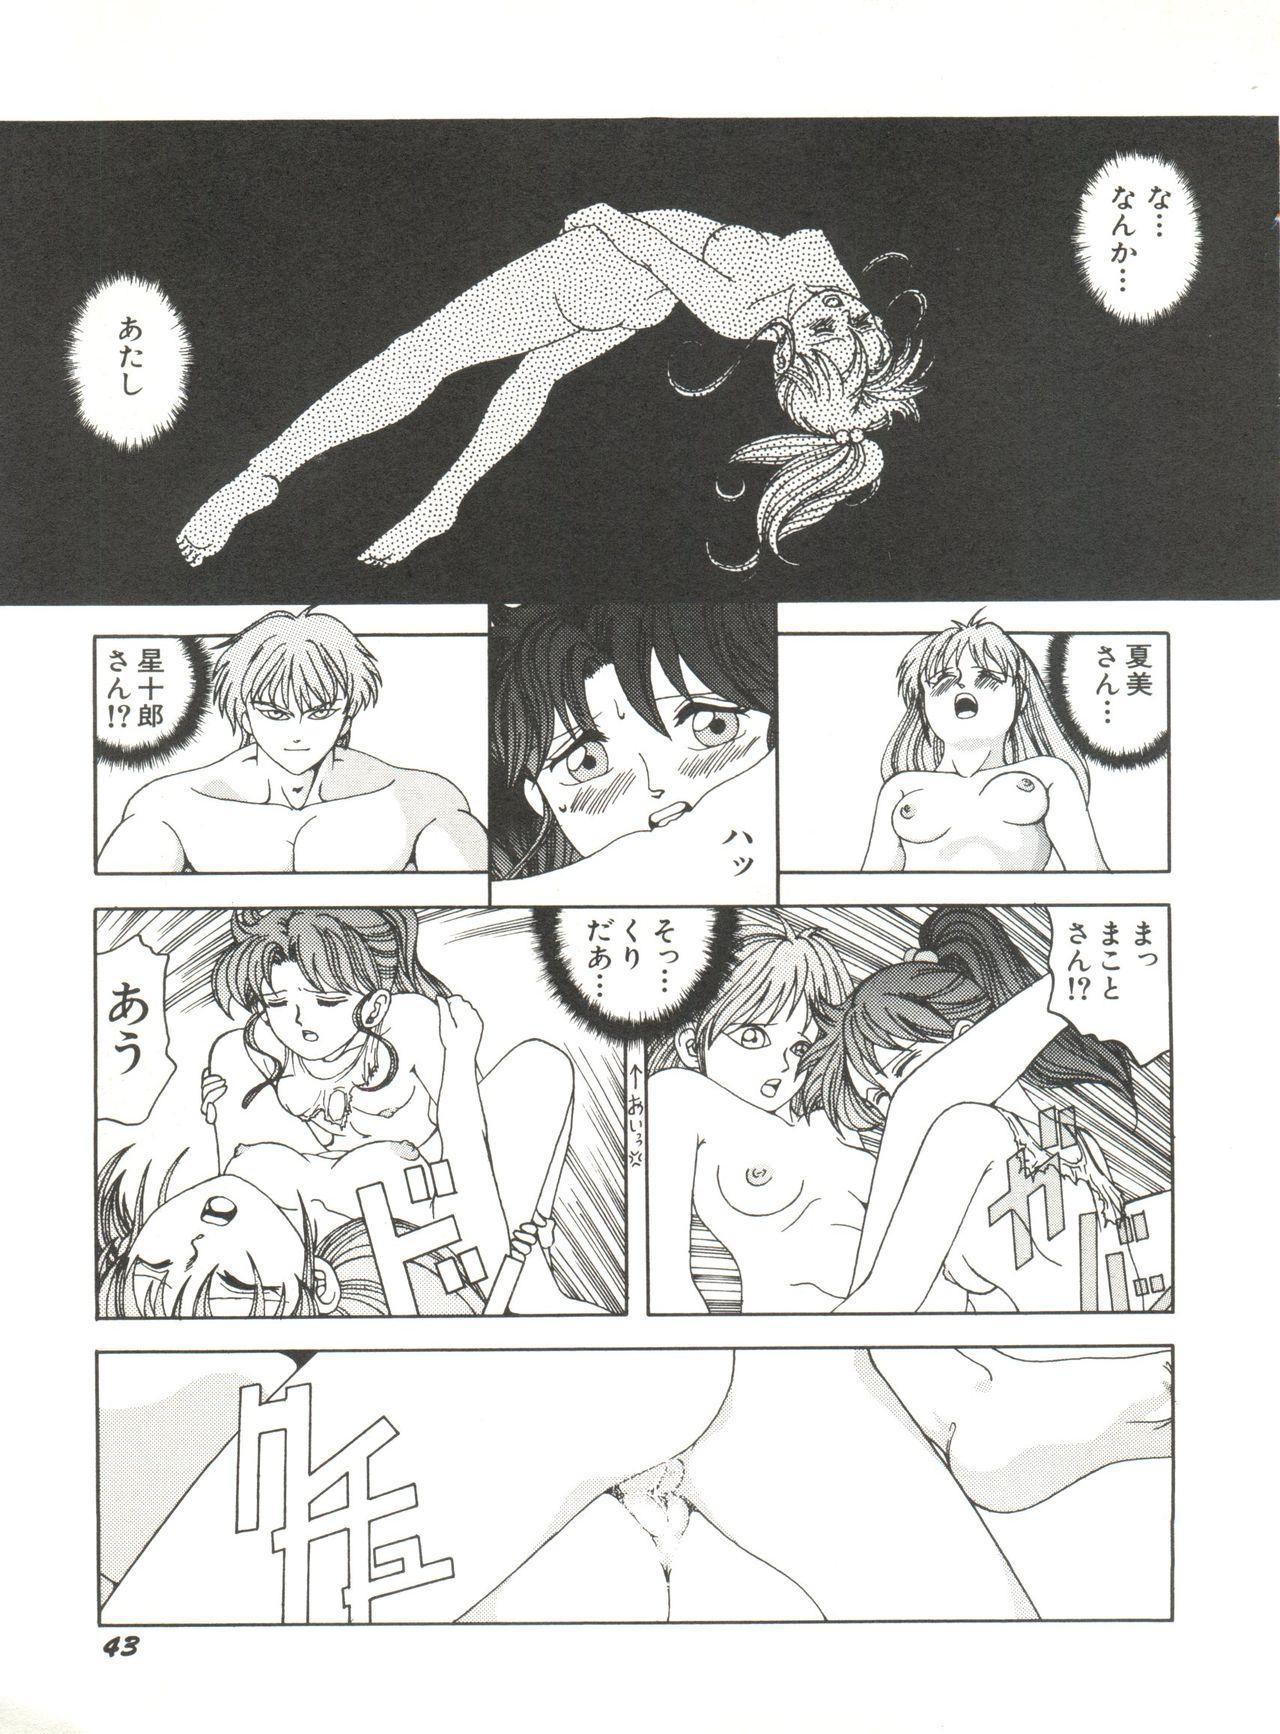 Bishoujo Doujinshi Anthology 12 - Moon Paradise 7 Tsuki no Rakuen 47